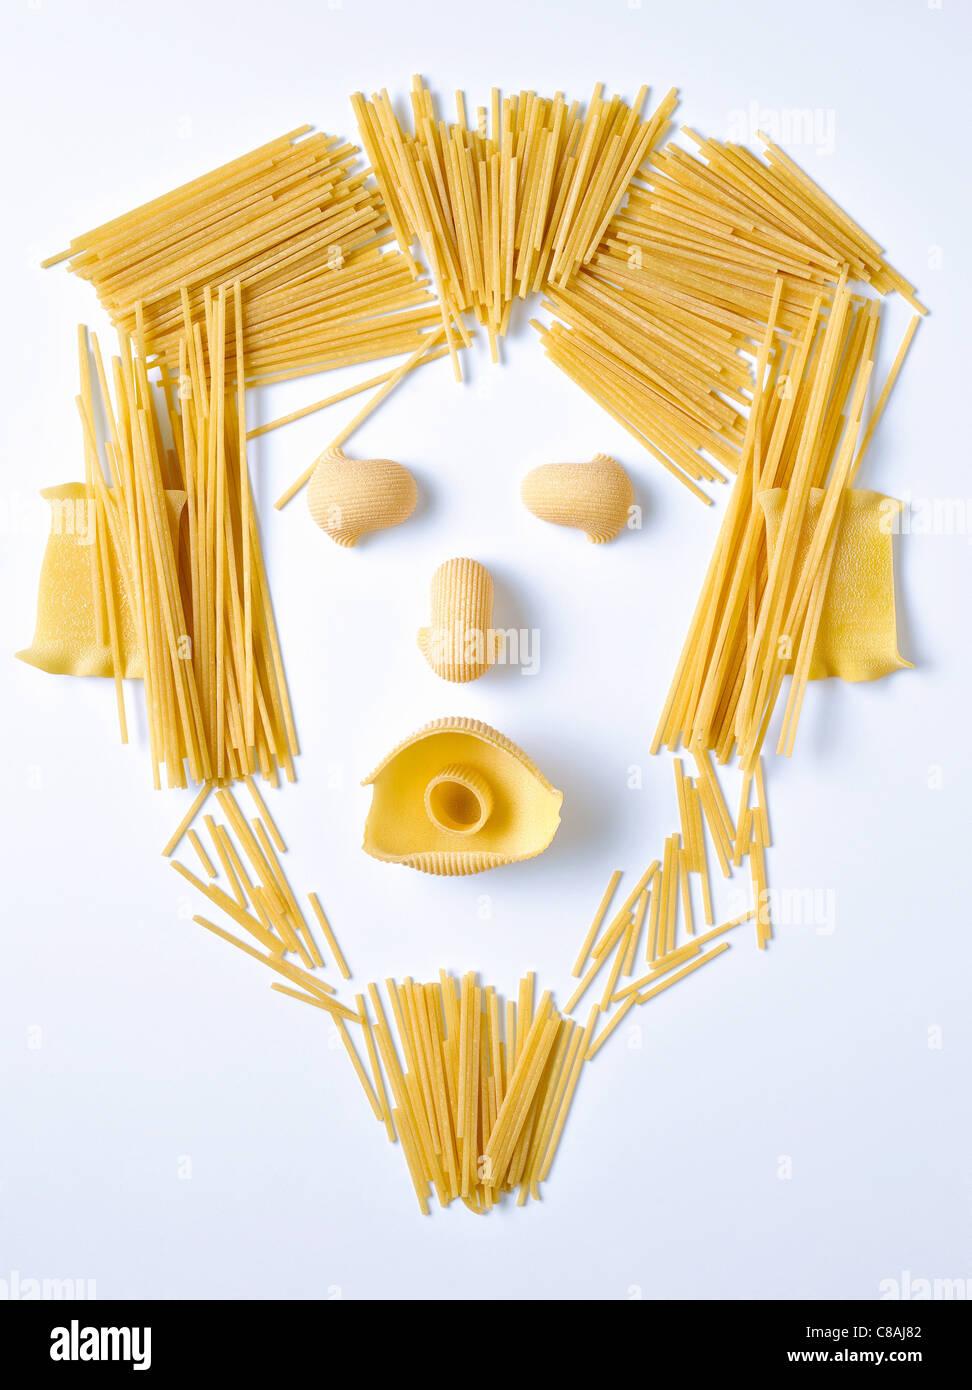 Pasta und Spaghetti in der Form eines Gesichts Stockfoto